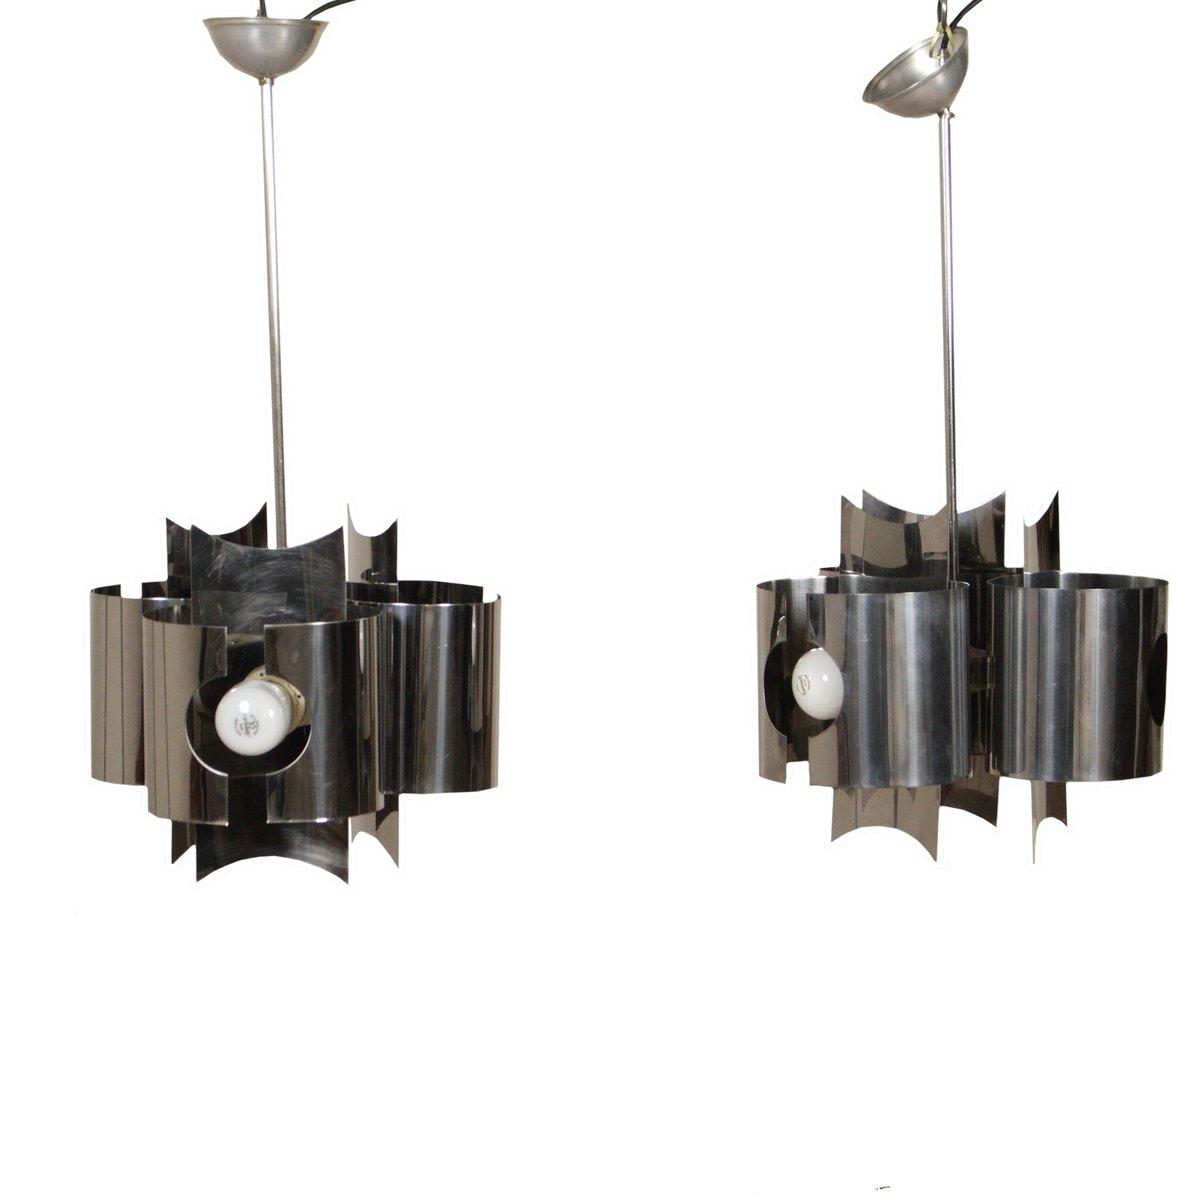 Italienische Vintage Deckenlampen aus verchromtem Metall, 2er Set